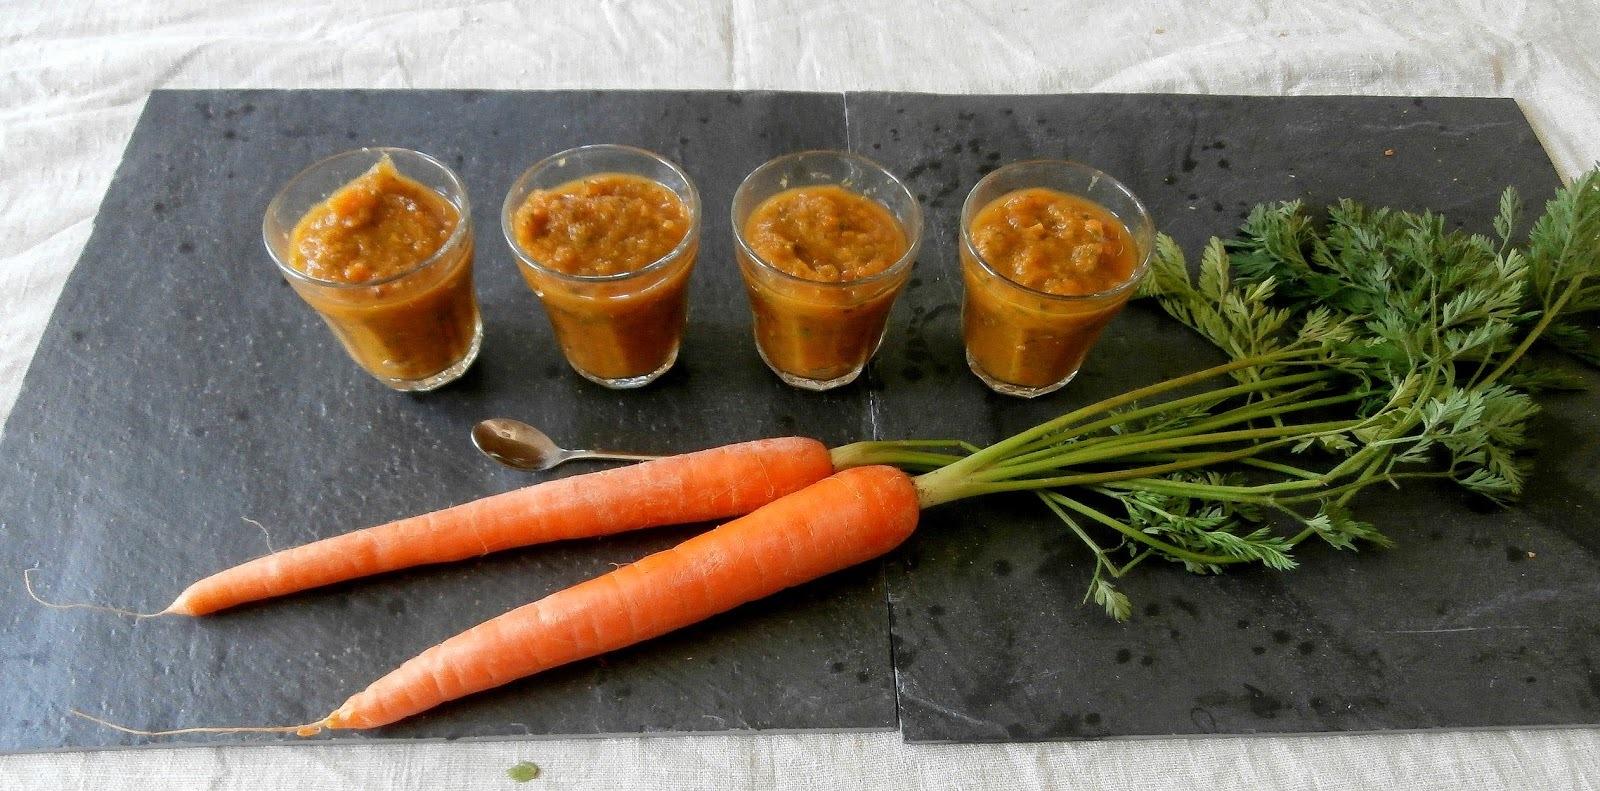 Purée de courgettes et carottes en verrines (Mashed zucchini and carrots glasses)